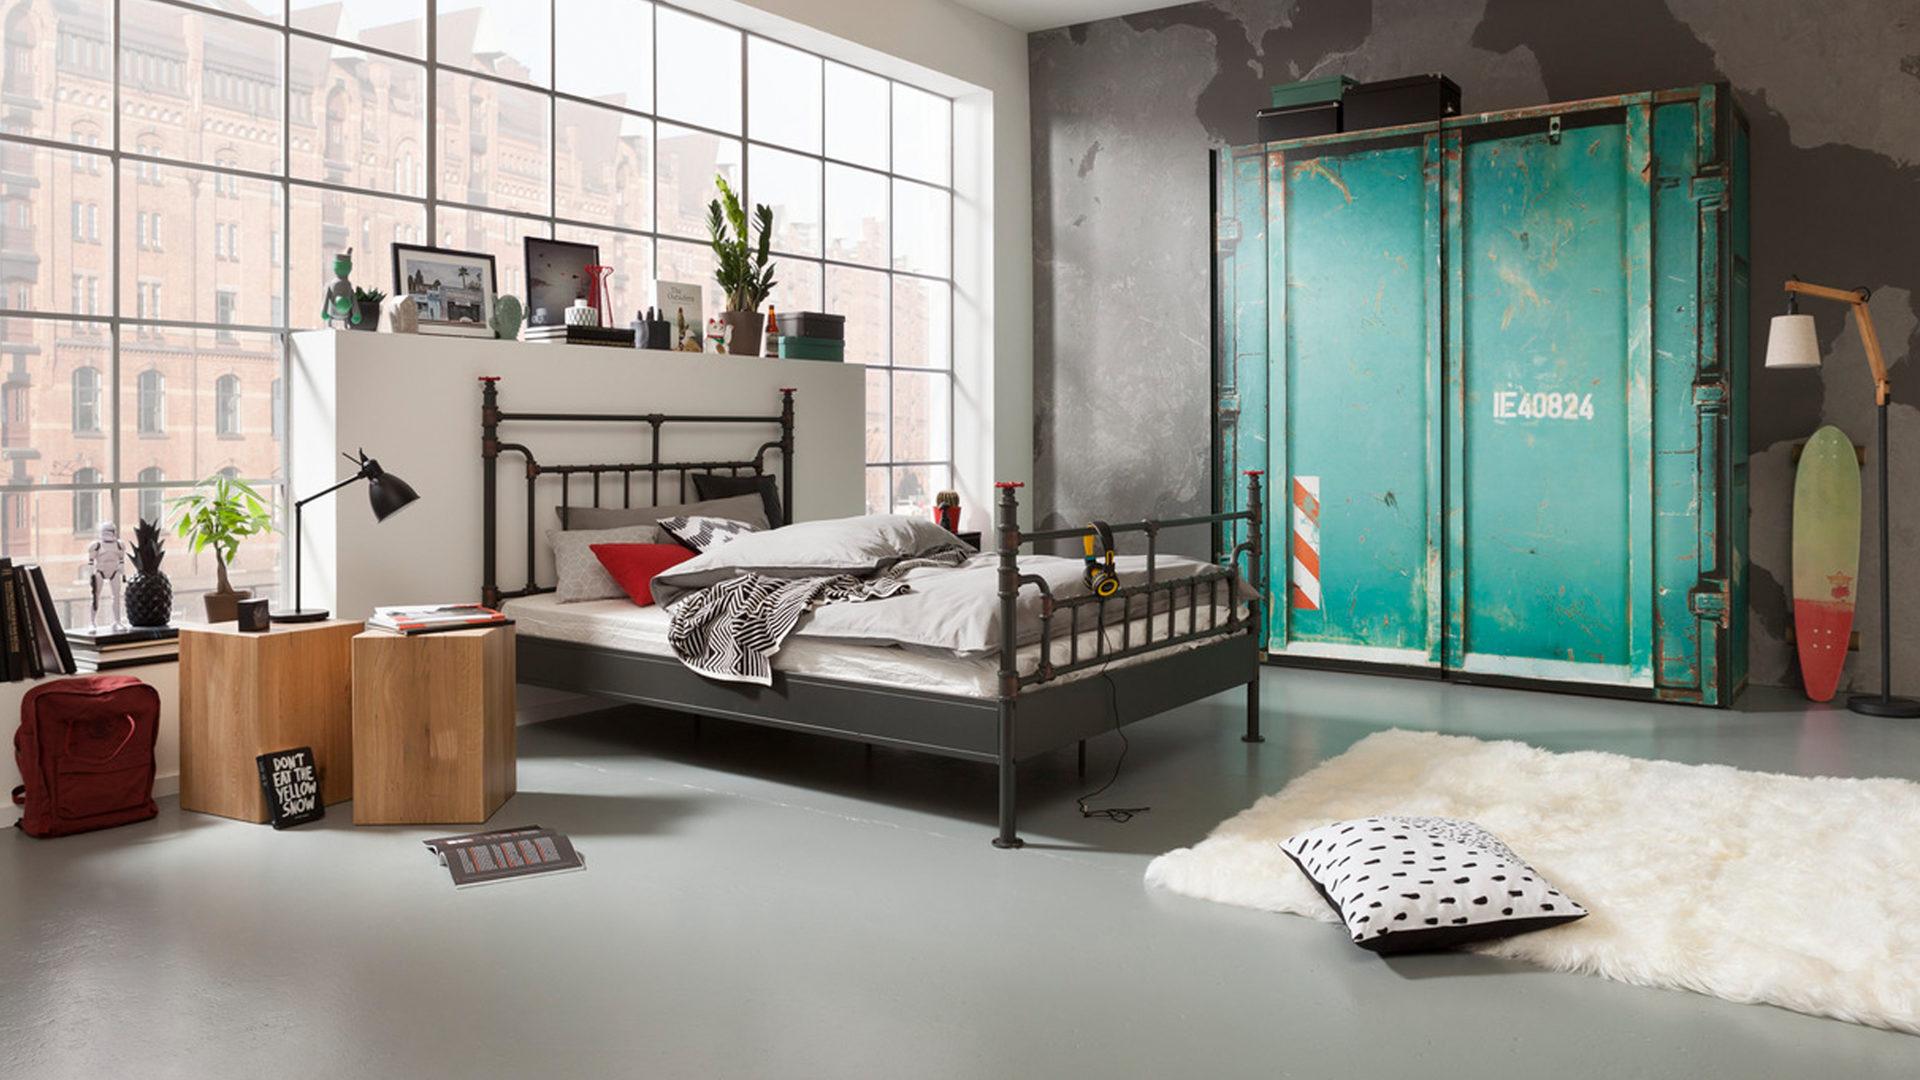 Jobst Wohnwelt Traunreut, Räume, Jugendzimmer + Kinderzimmer ...